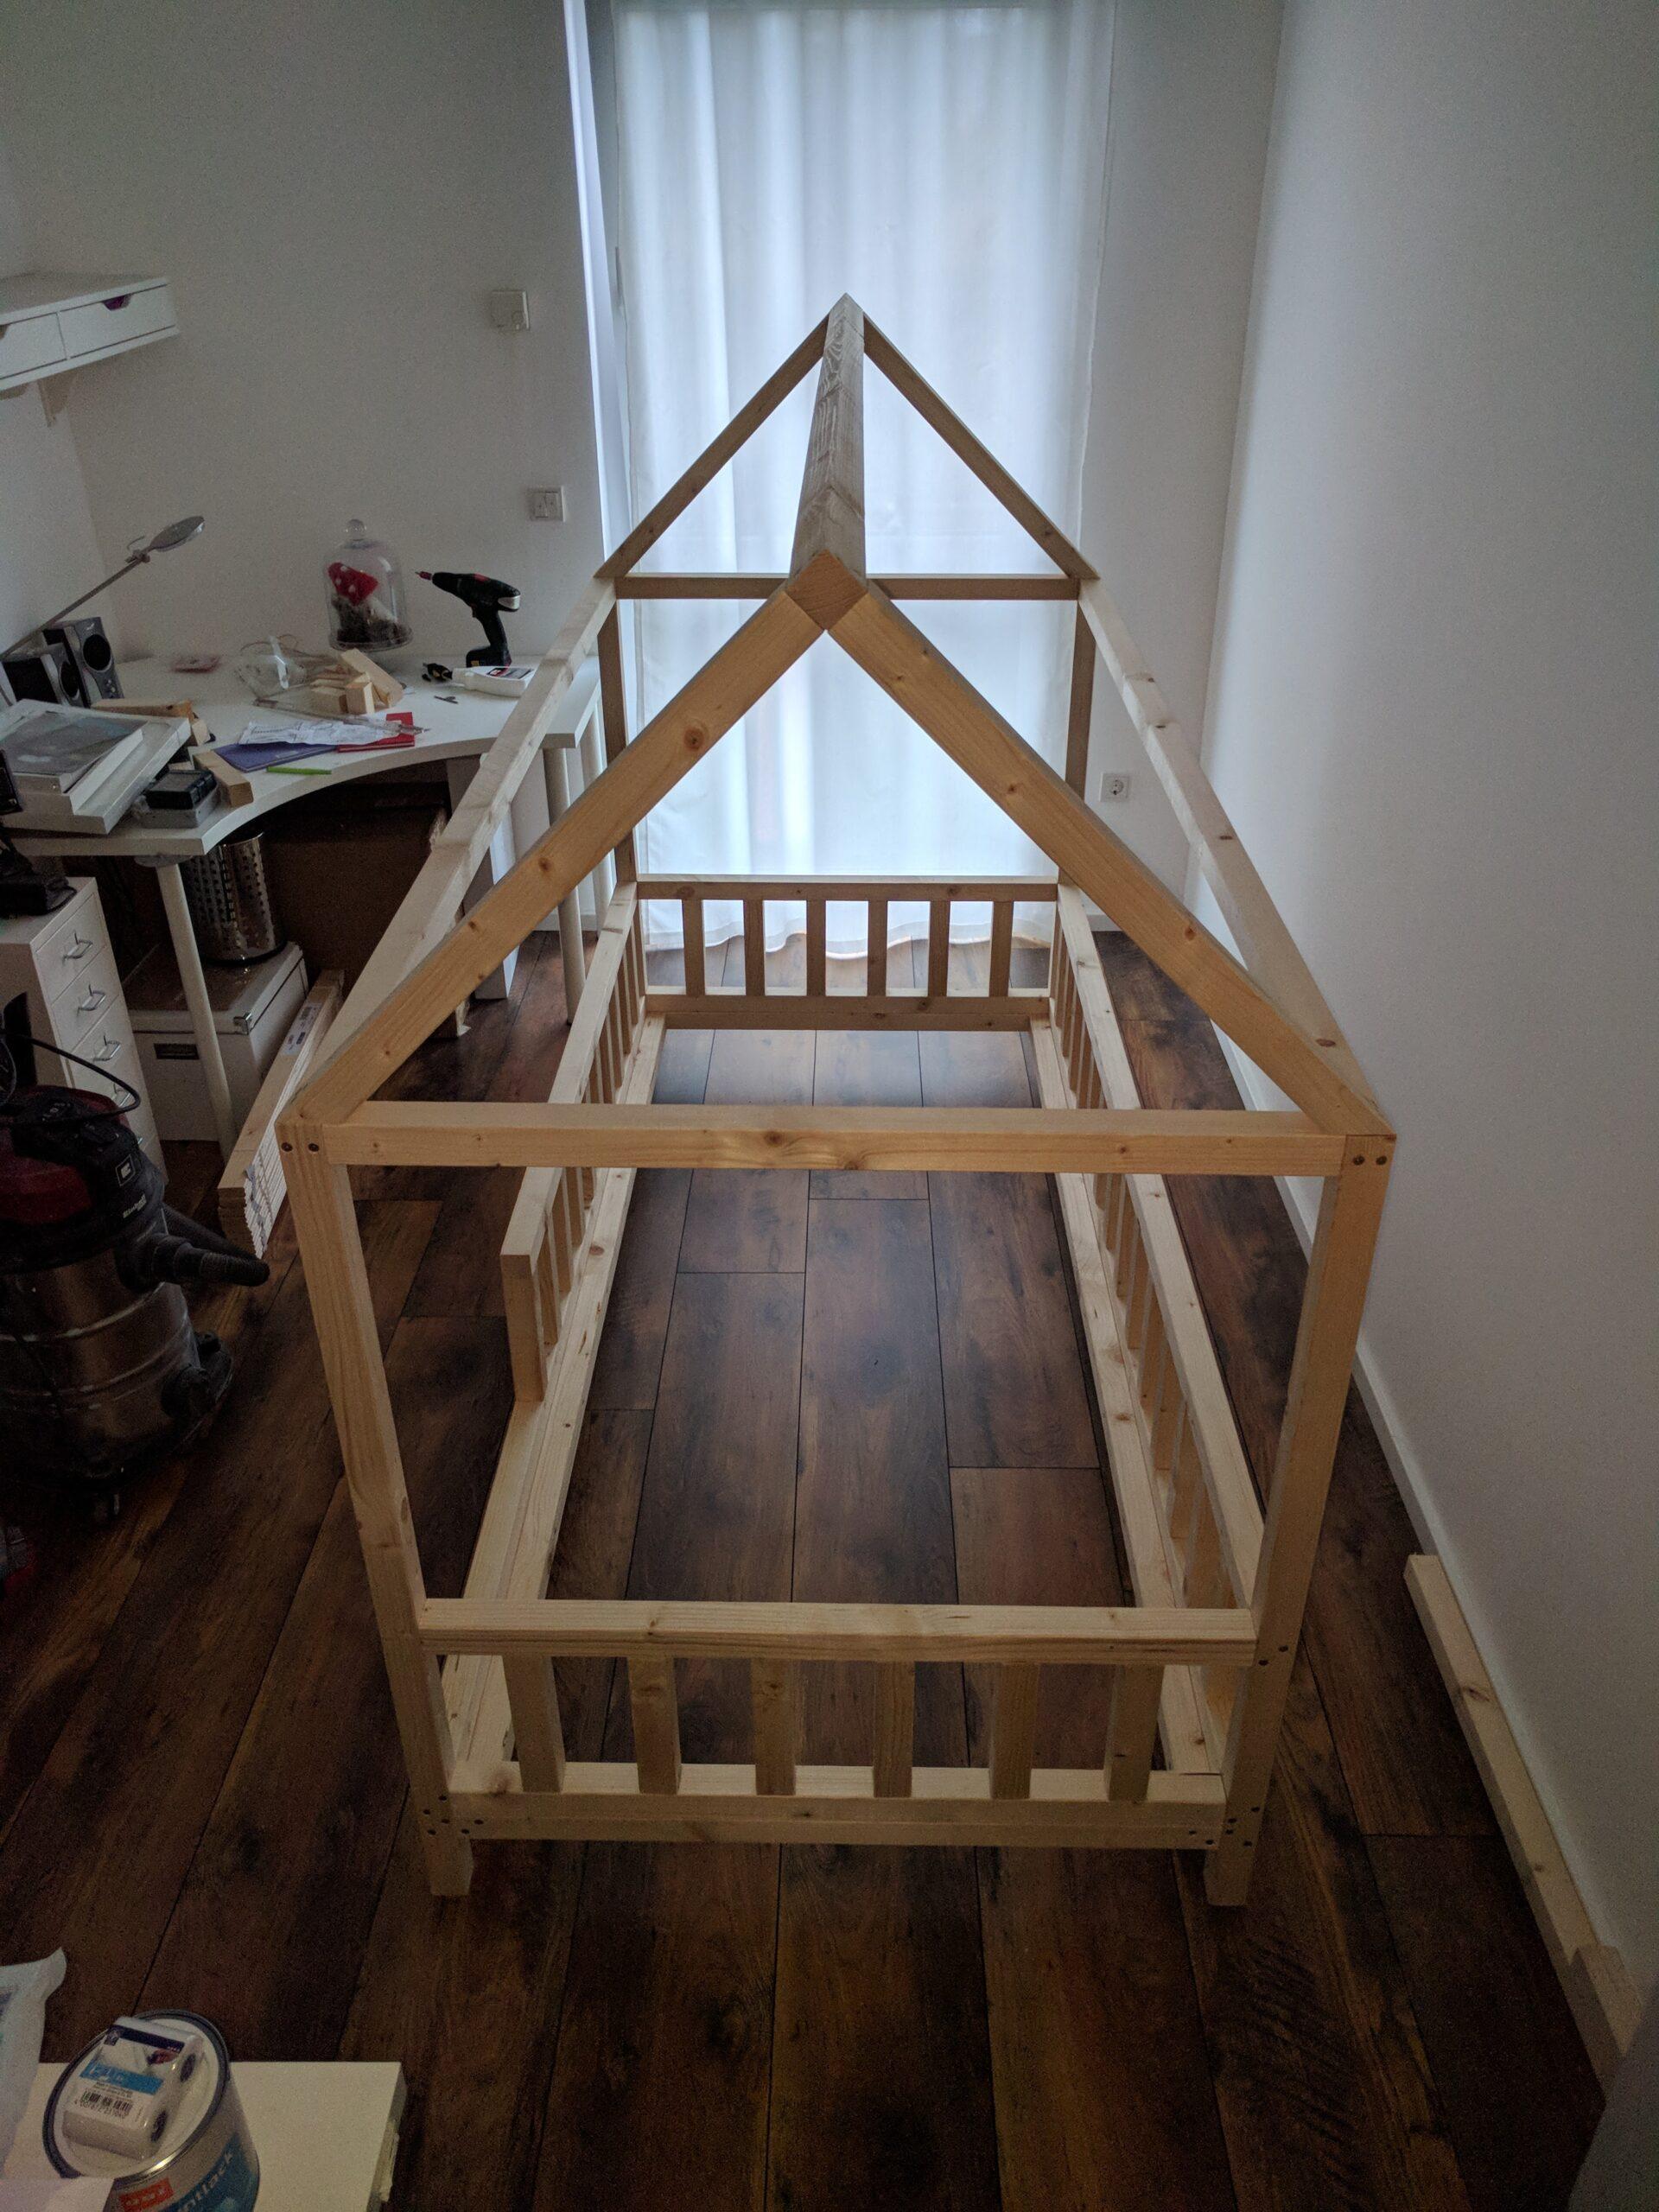 Full Size of Hausbett 100x200 Diy Fr Betten Bett Weiß Wohnzimmer Hausbett 100x200